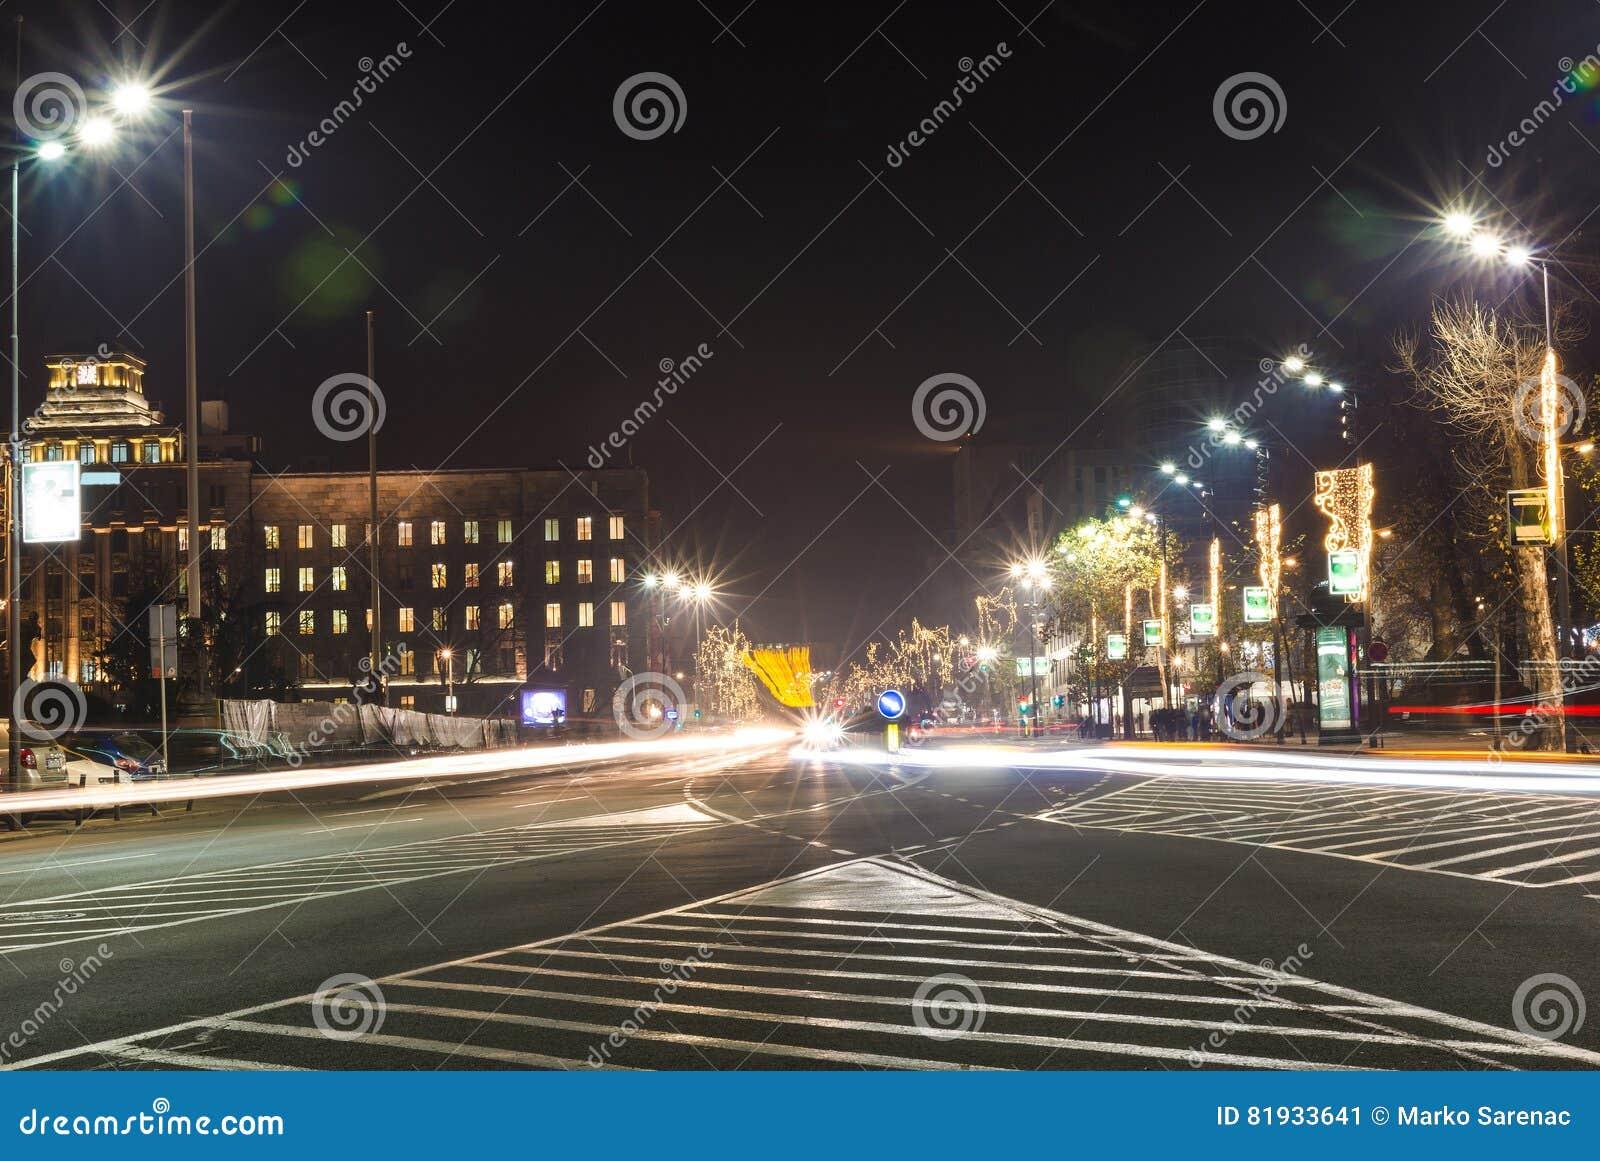 Πολυάσχολη κυκλοφορία στις οδούς Βελιγραδι ου ` s - Βελιγράδι, Σερβία